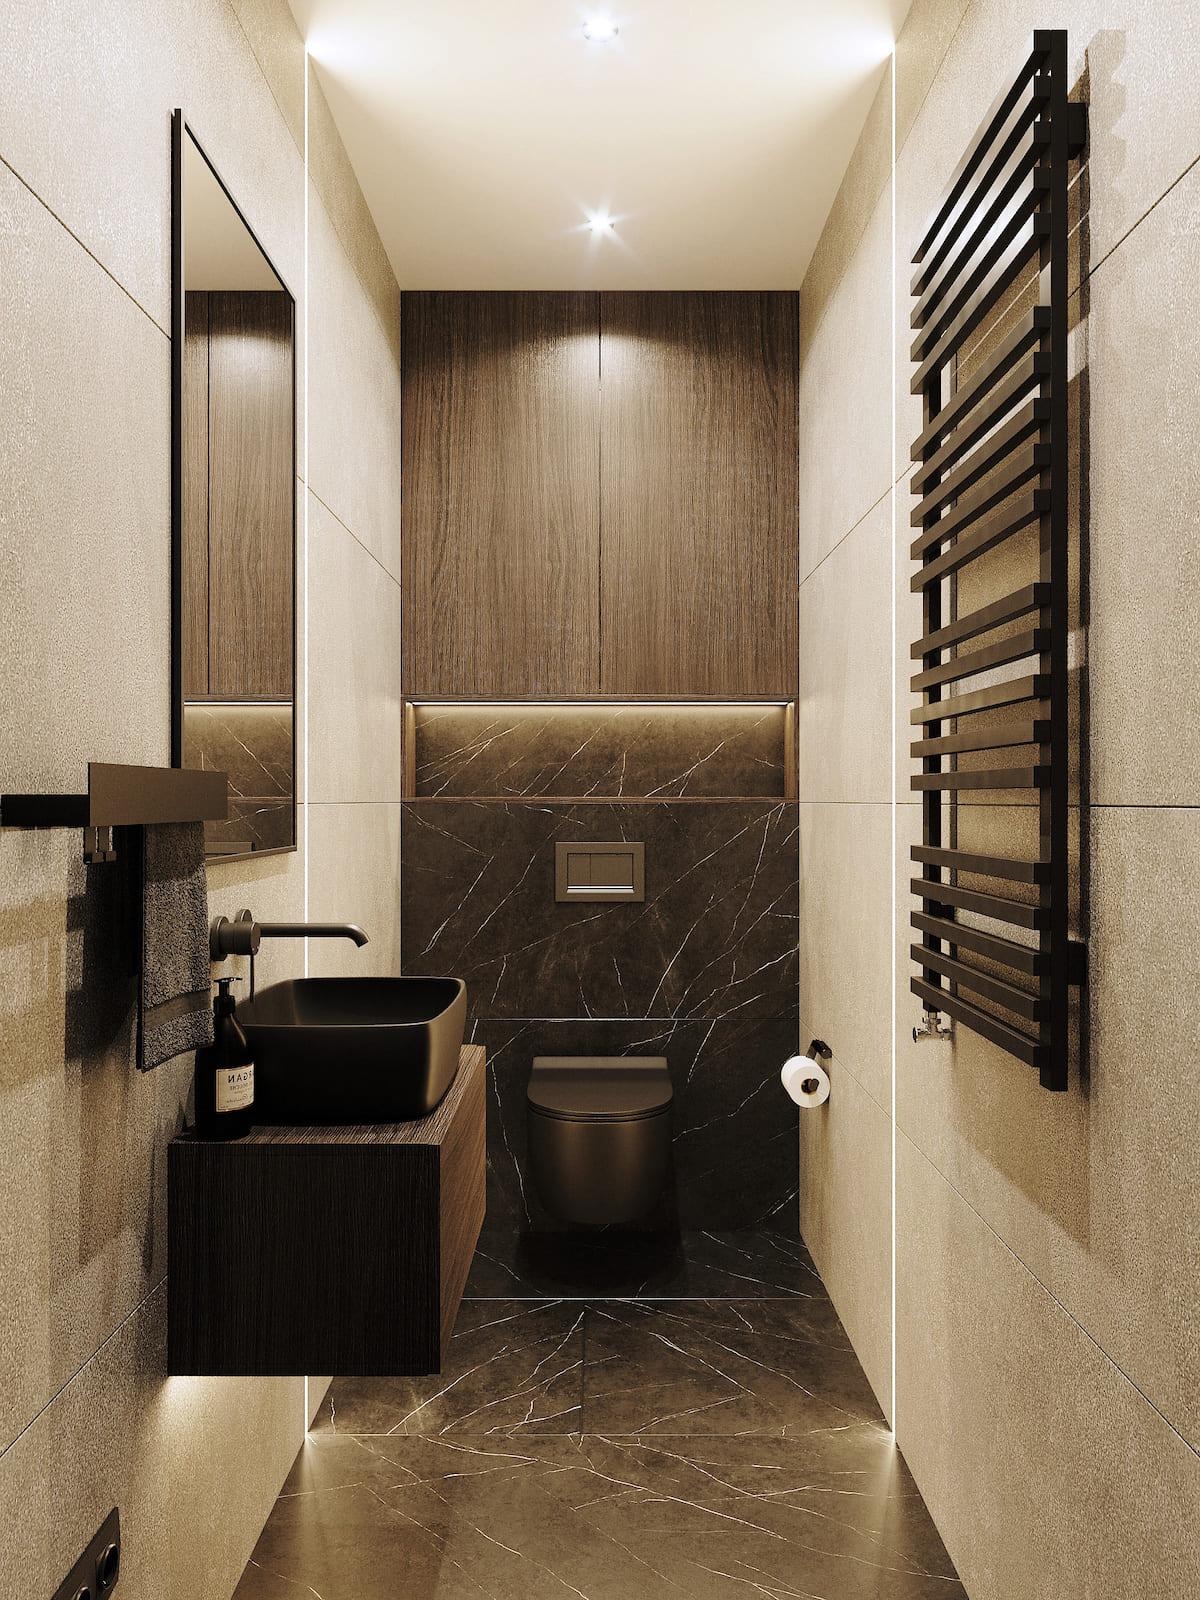 дизайн интерьера ванной комнаты фото 83